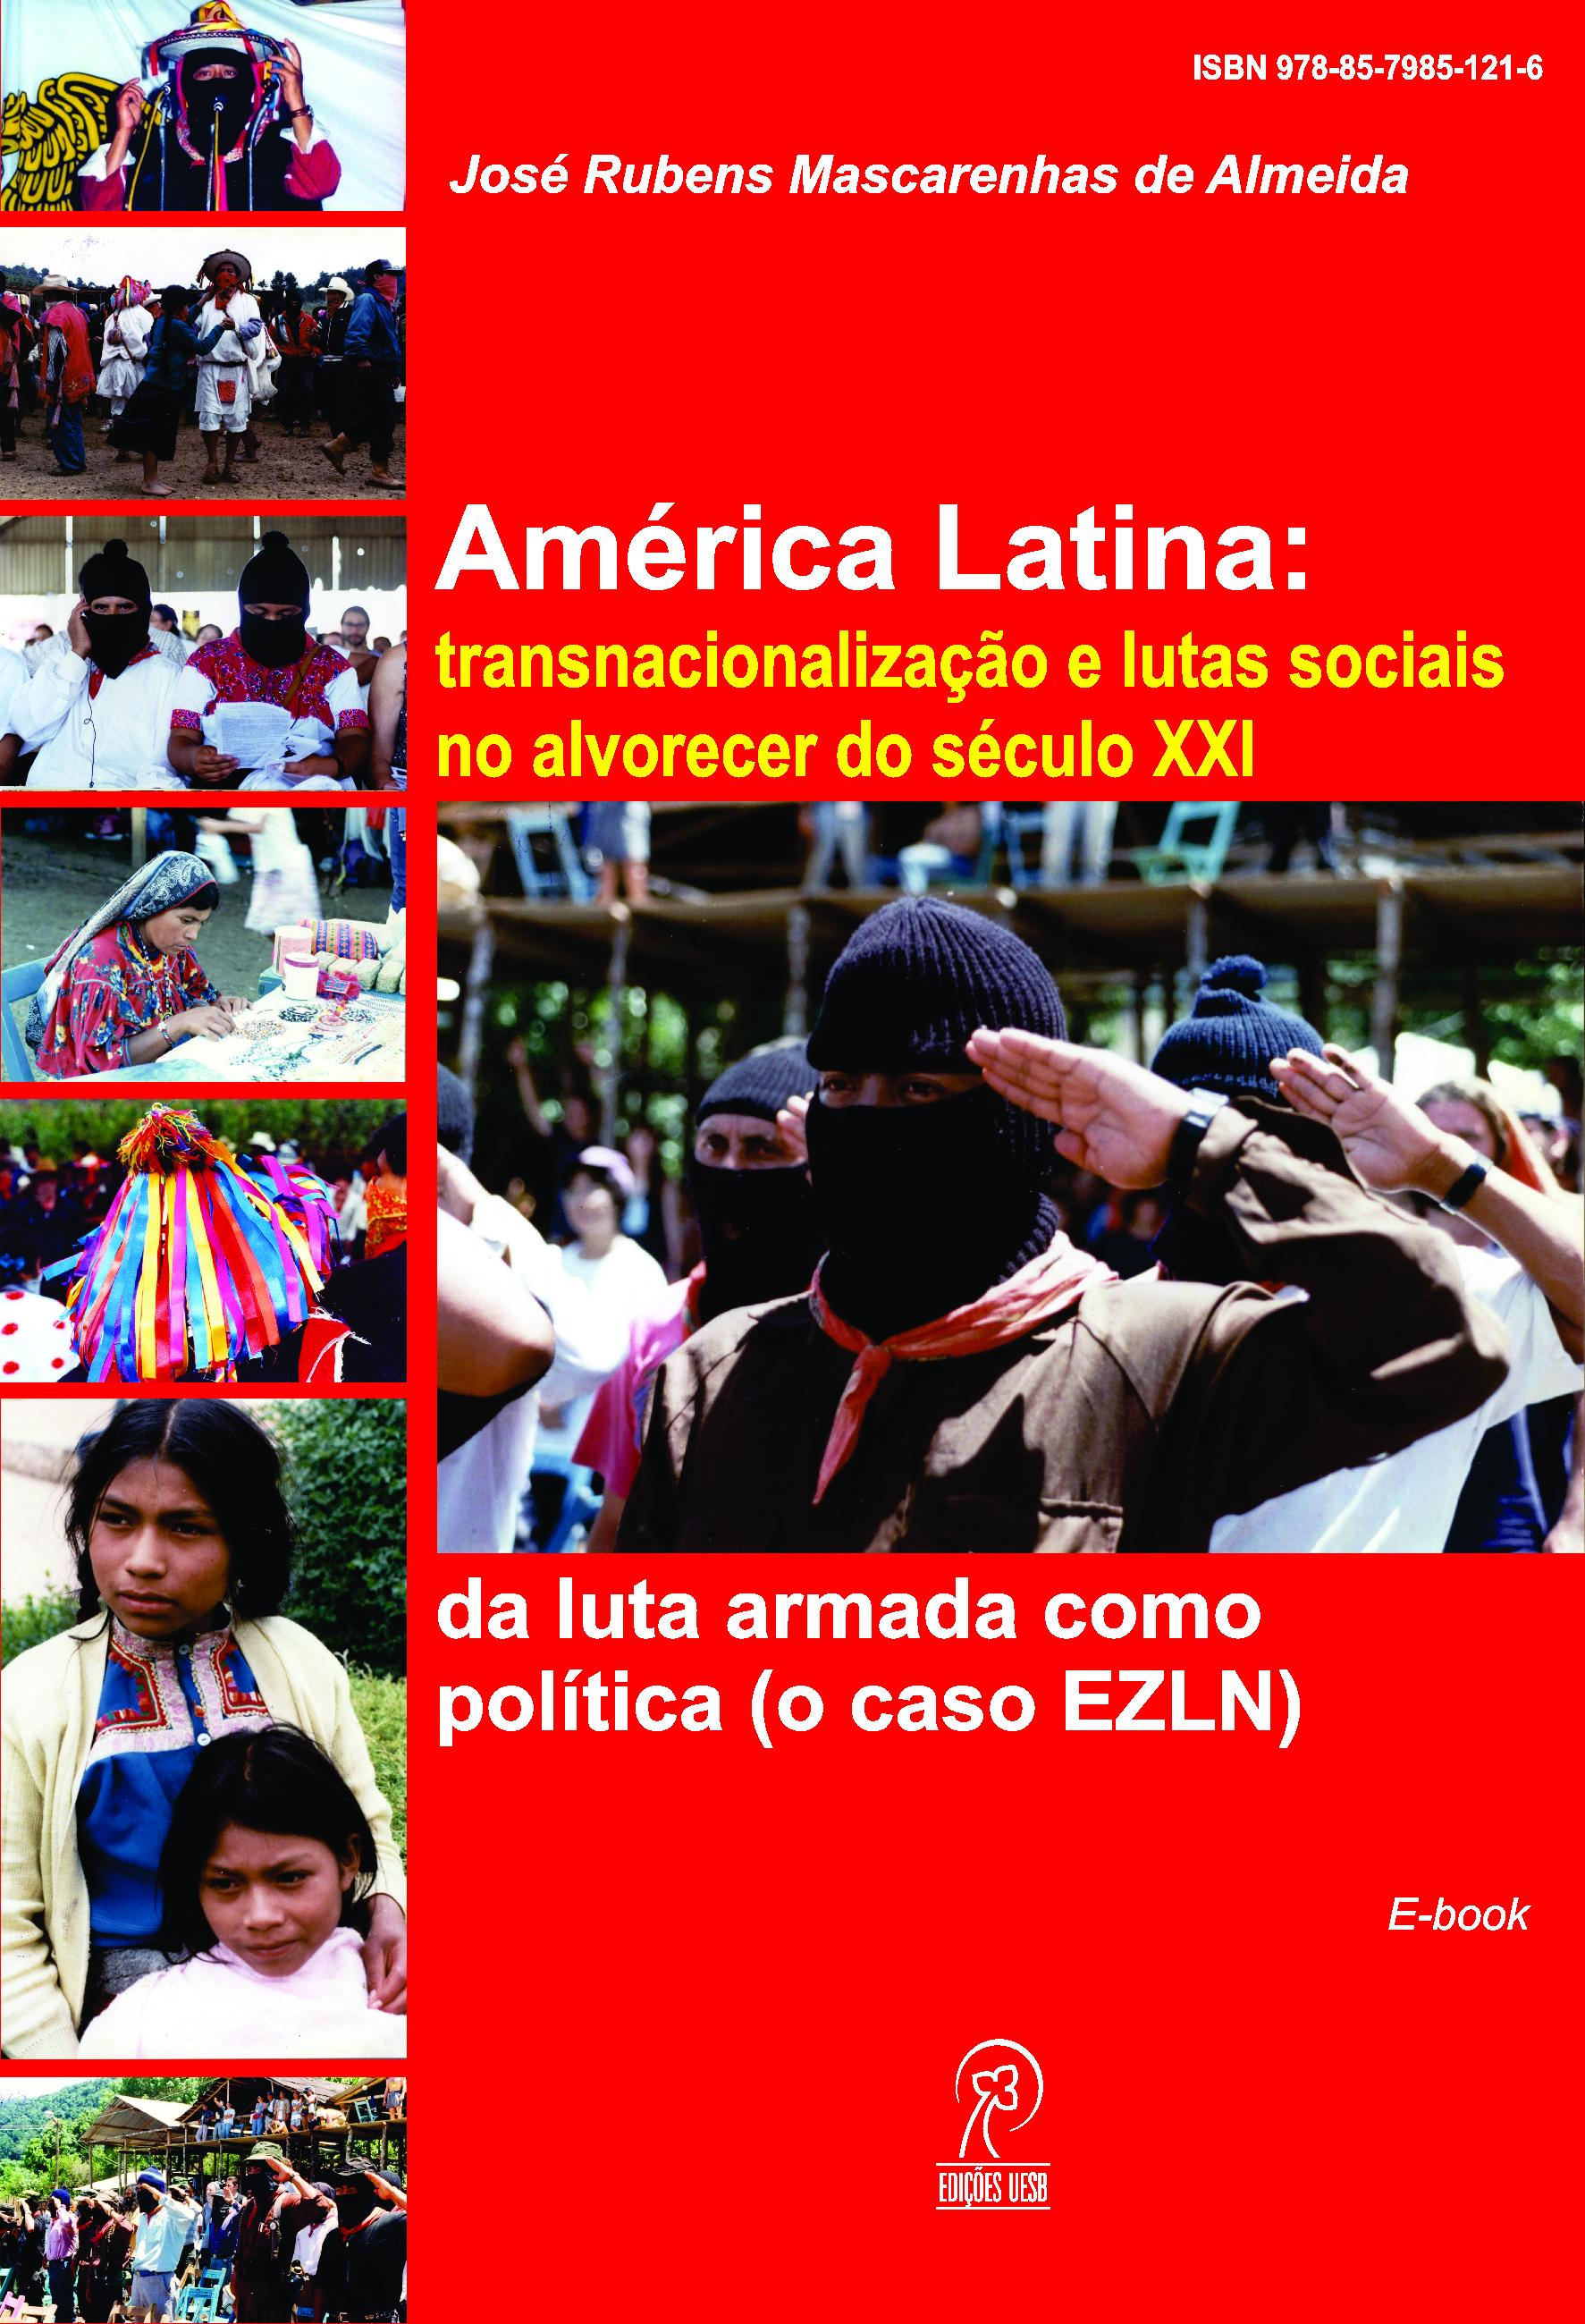 América Latina: transnacionalização e lutas sociais no alvorecer do século XXI – da luta armada como política (o caso EZLN)